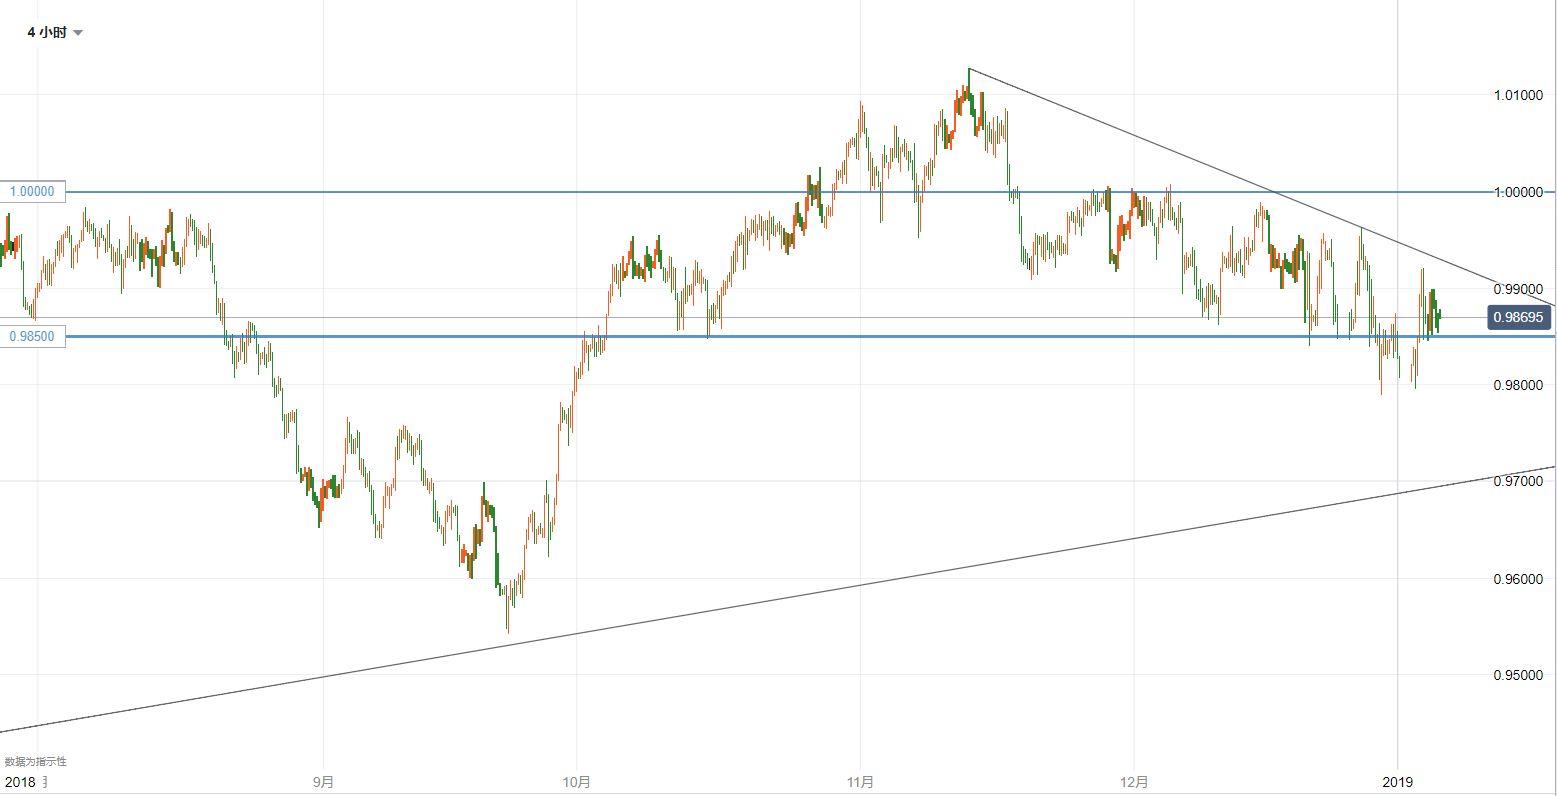 美元/瑞郎技术分析:继续等待区间的突破